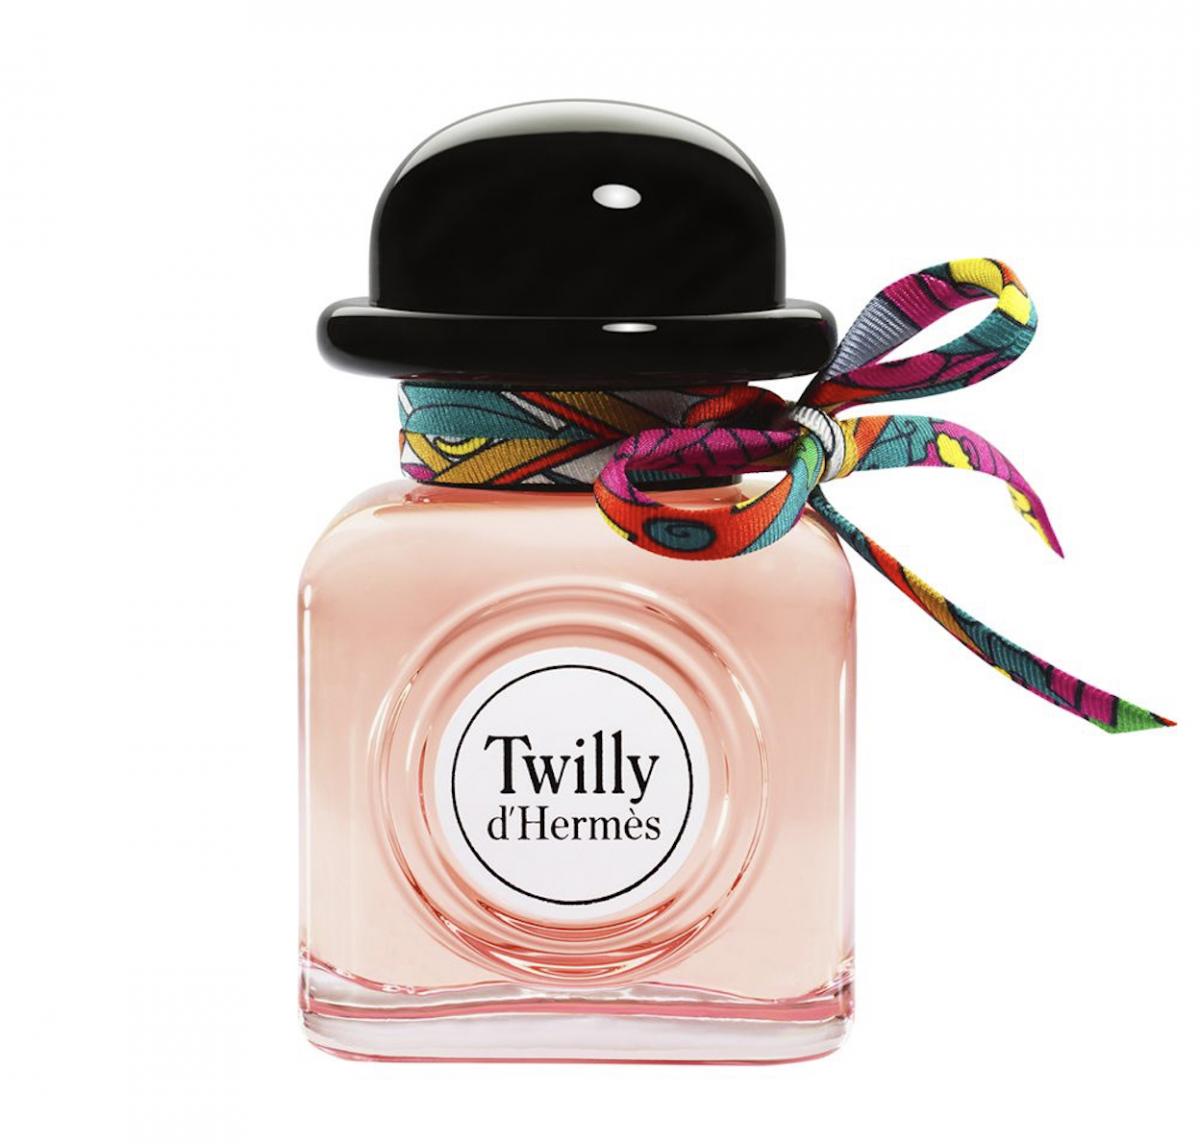 Twilly D'Hermès Eau de Parfum